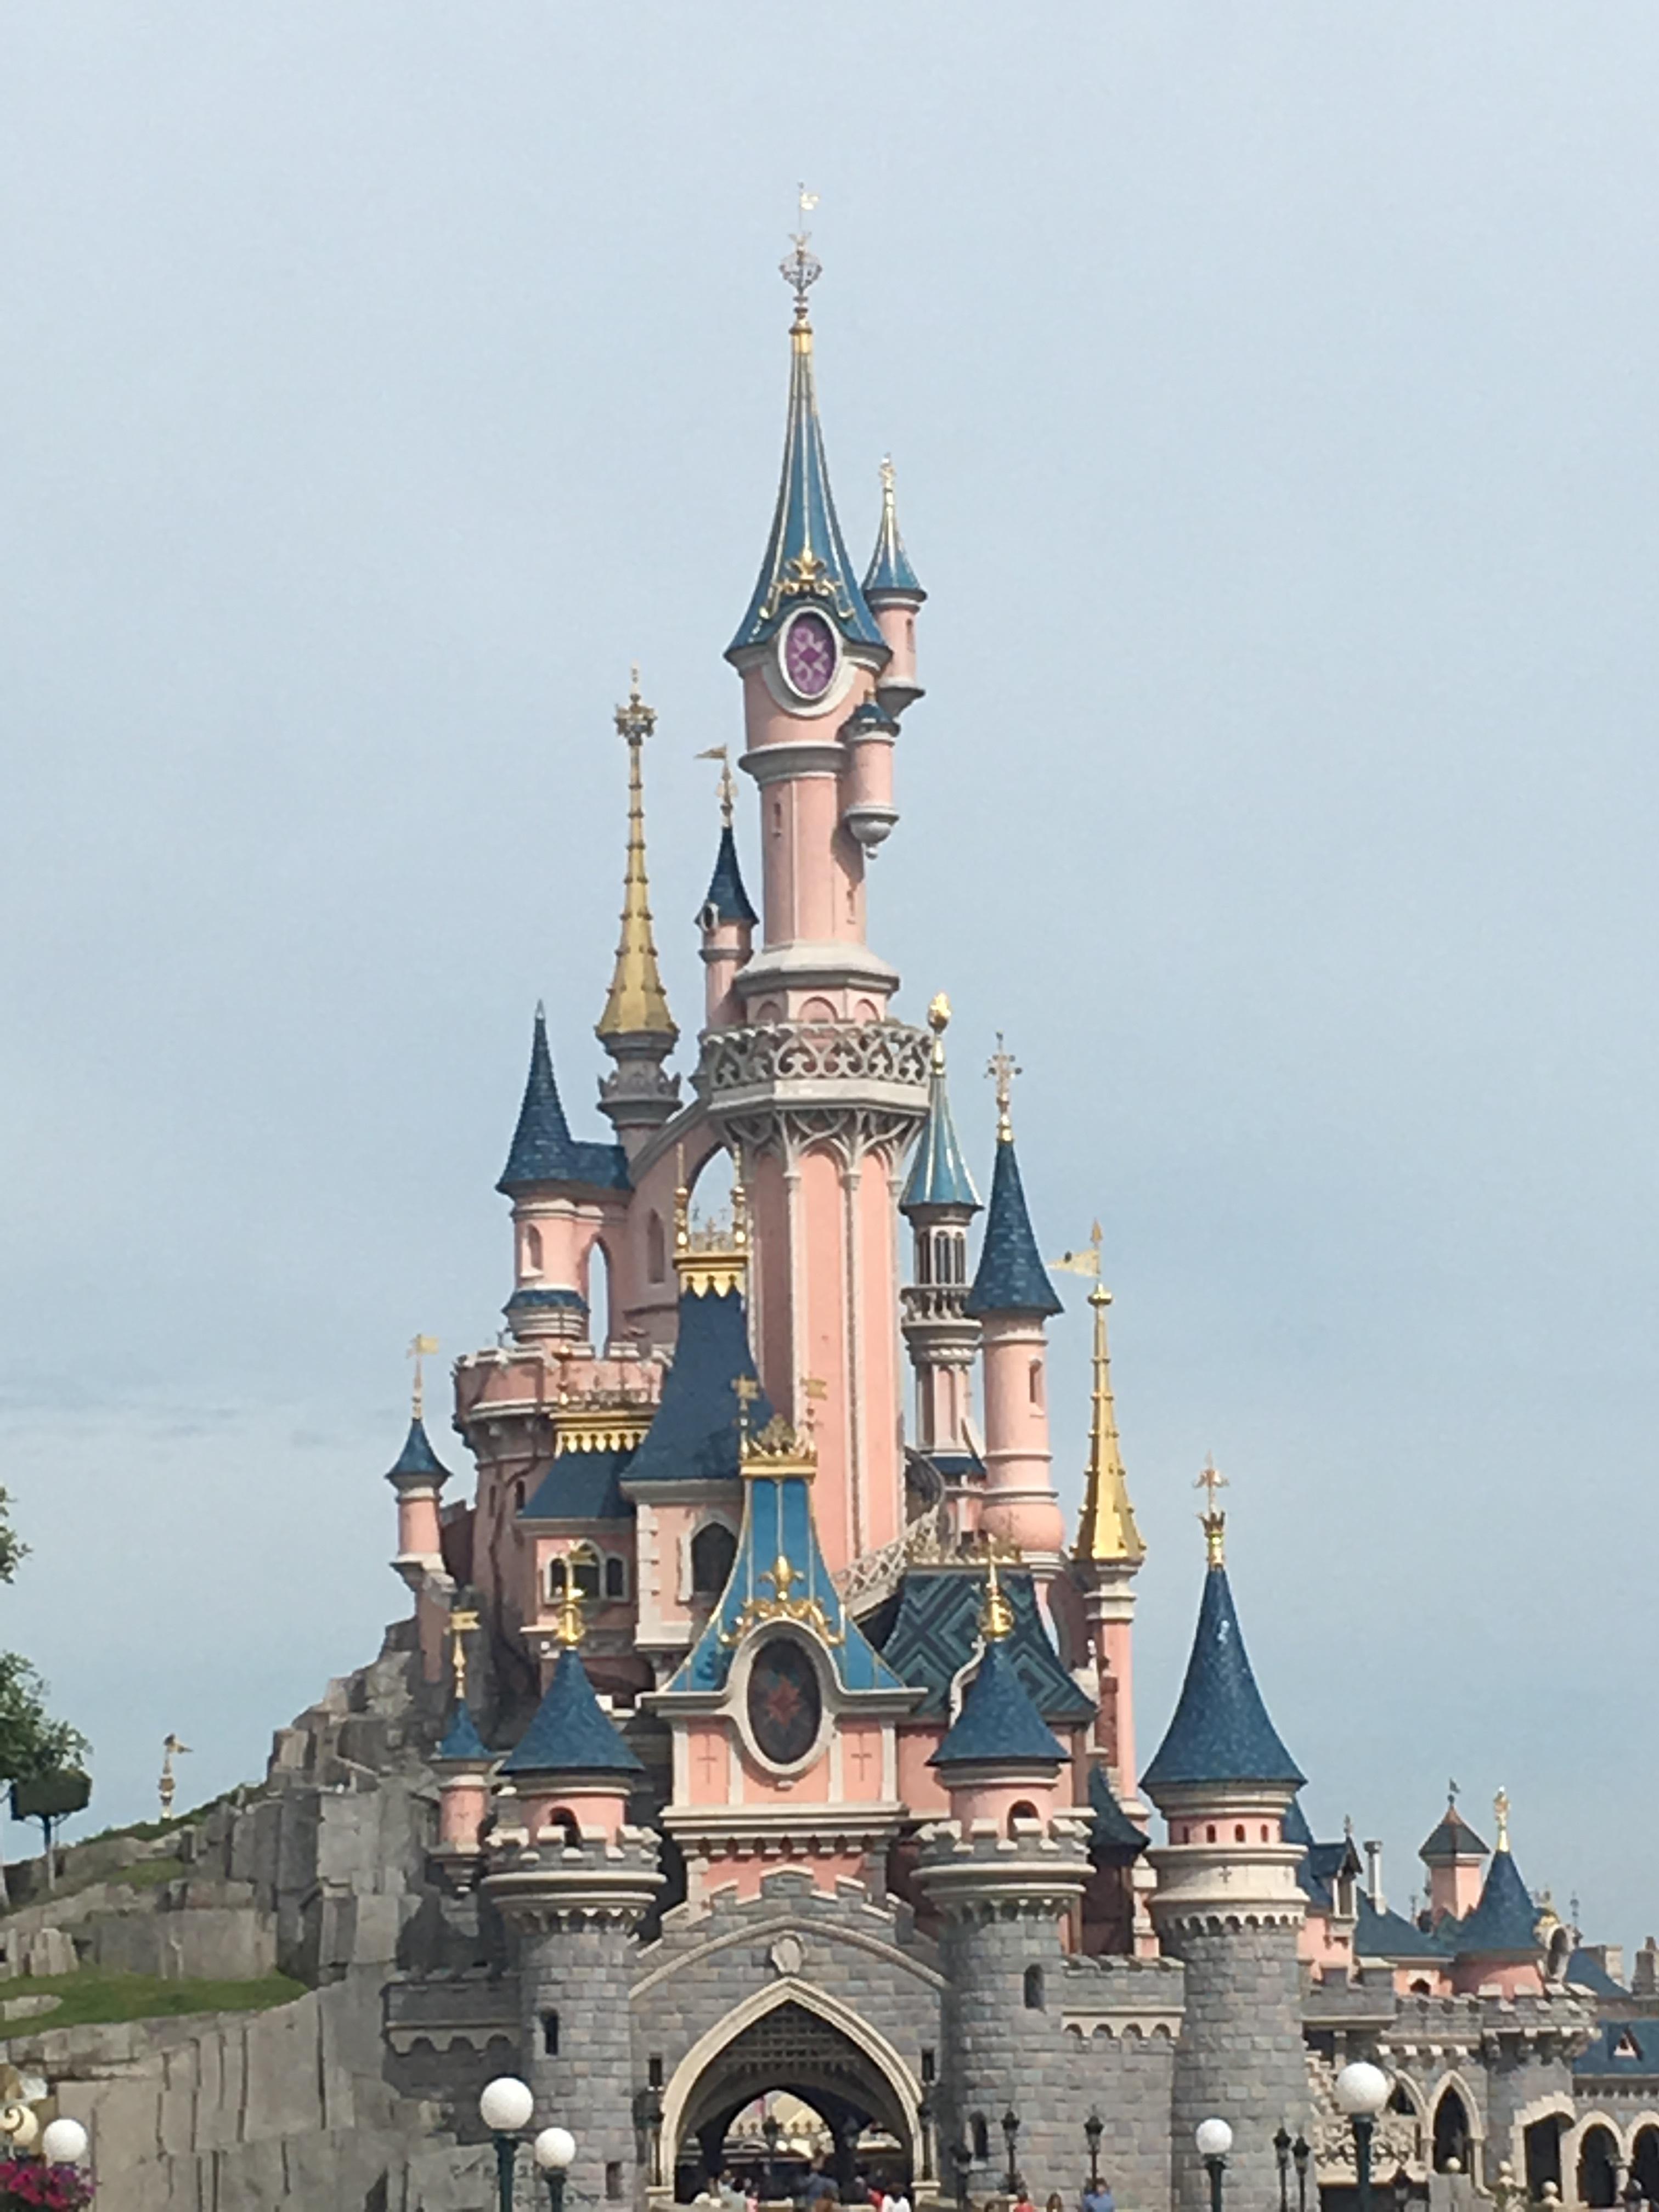 În vizită pe tărâmul magiei: Disneyland Paris